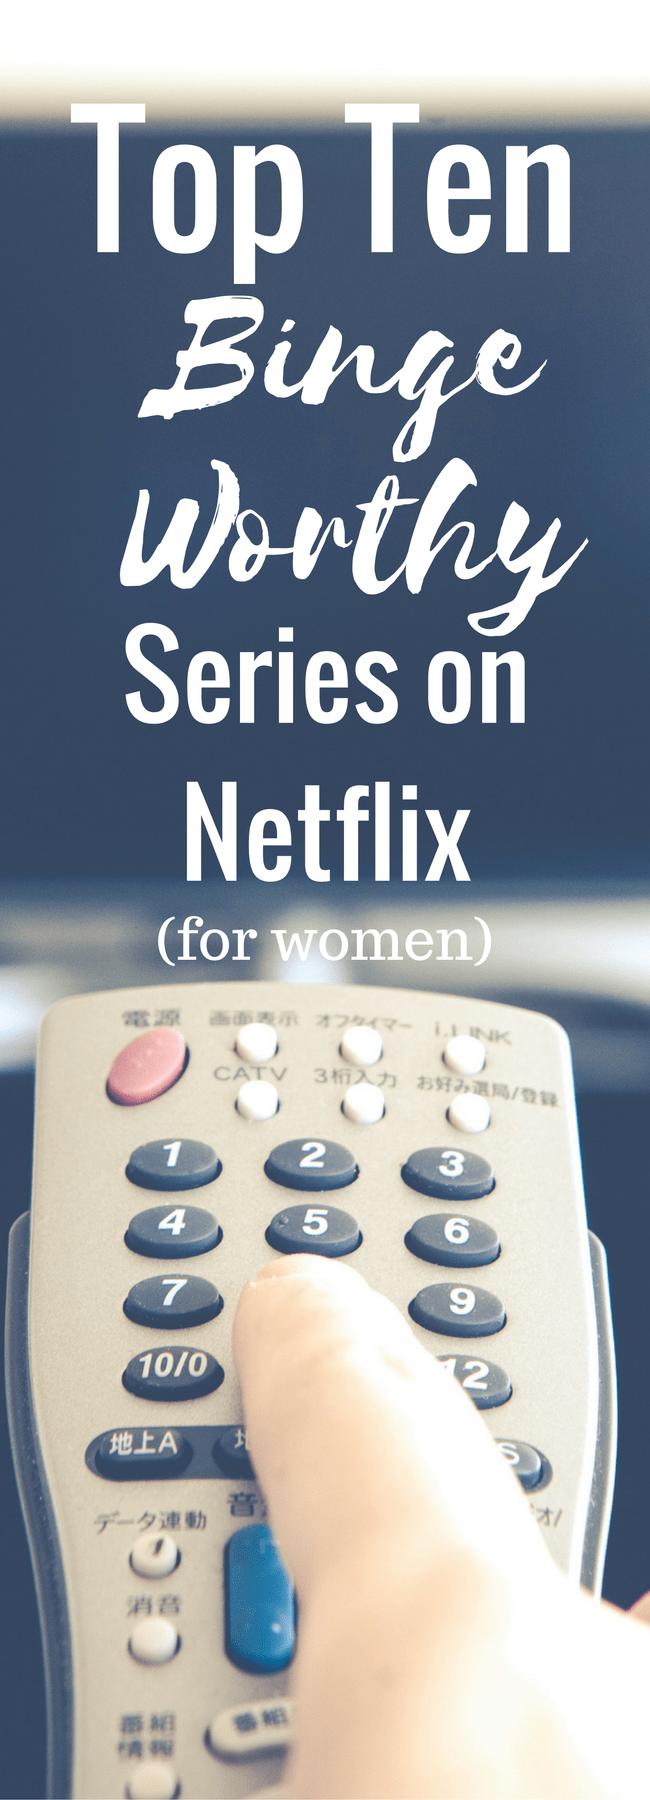 Netflix / Best Netflix Shows / Best Netflix Series / netflix addiction / netflix shows / netflix shows for women / netflix guide / netflix 2017 via @clarkscondensed